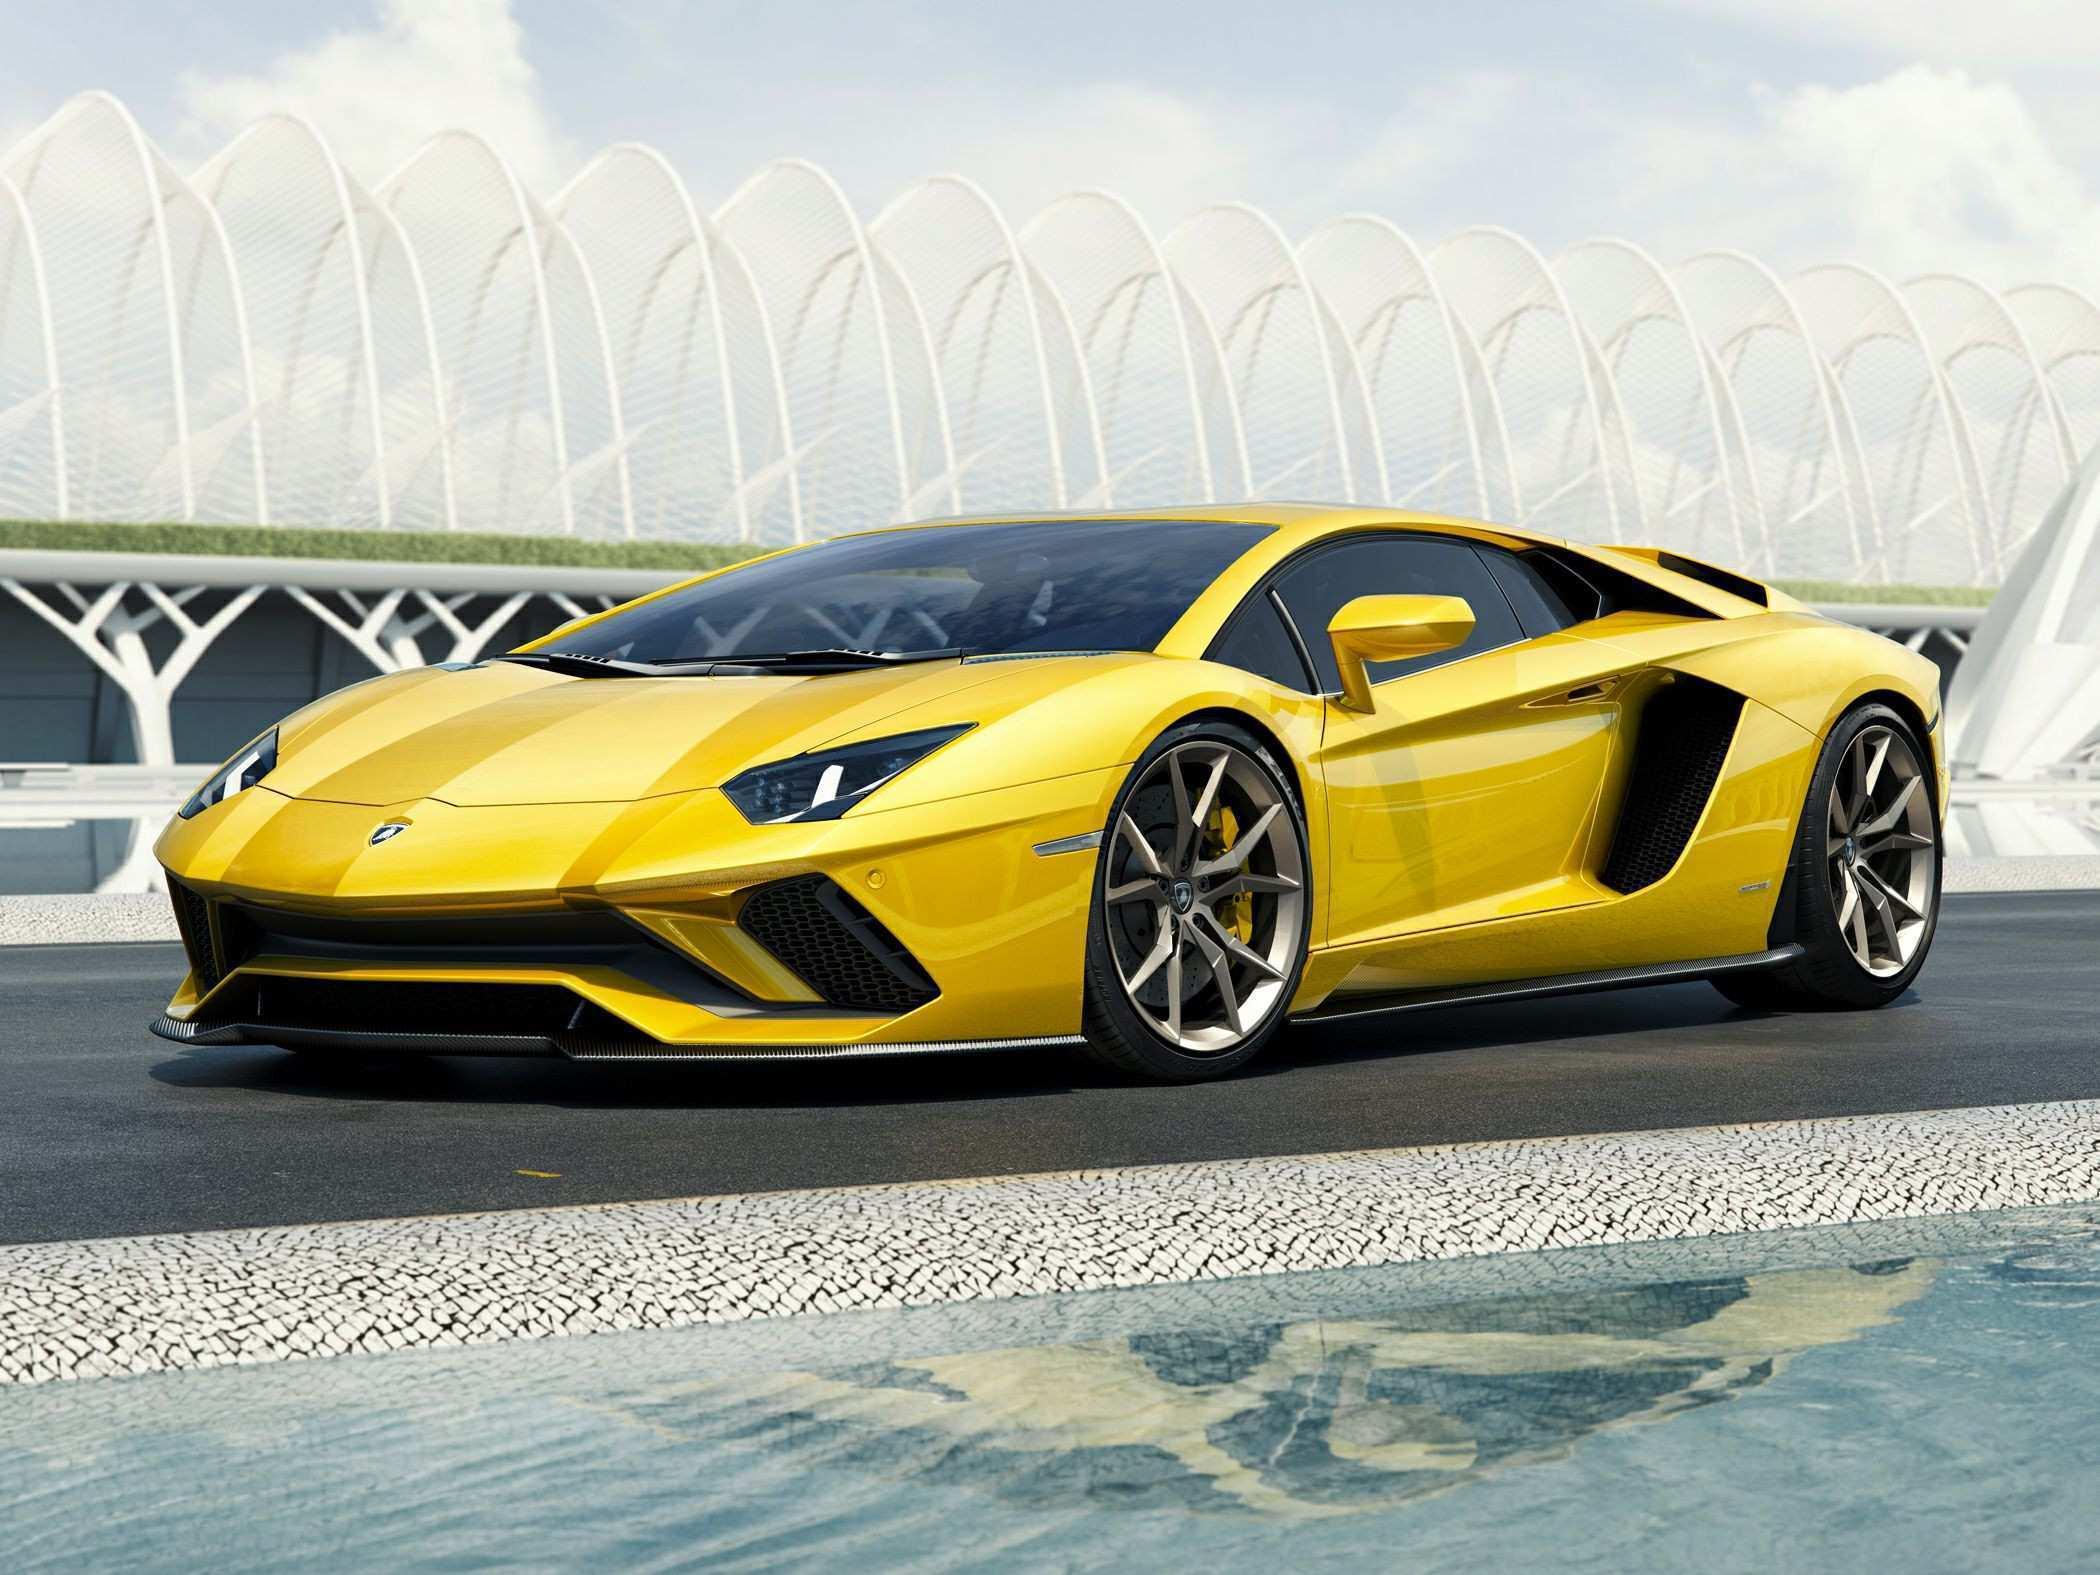 81 Great Lamborghini Bis 2020 Performance by Lamborghini Bis 2020